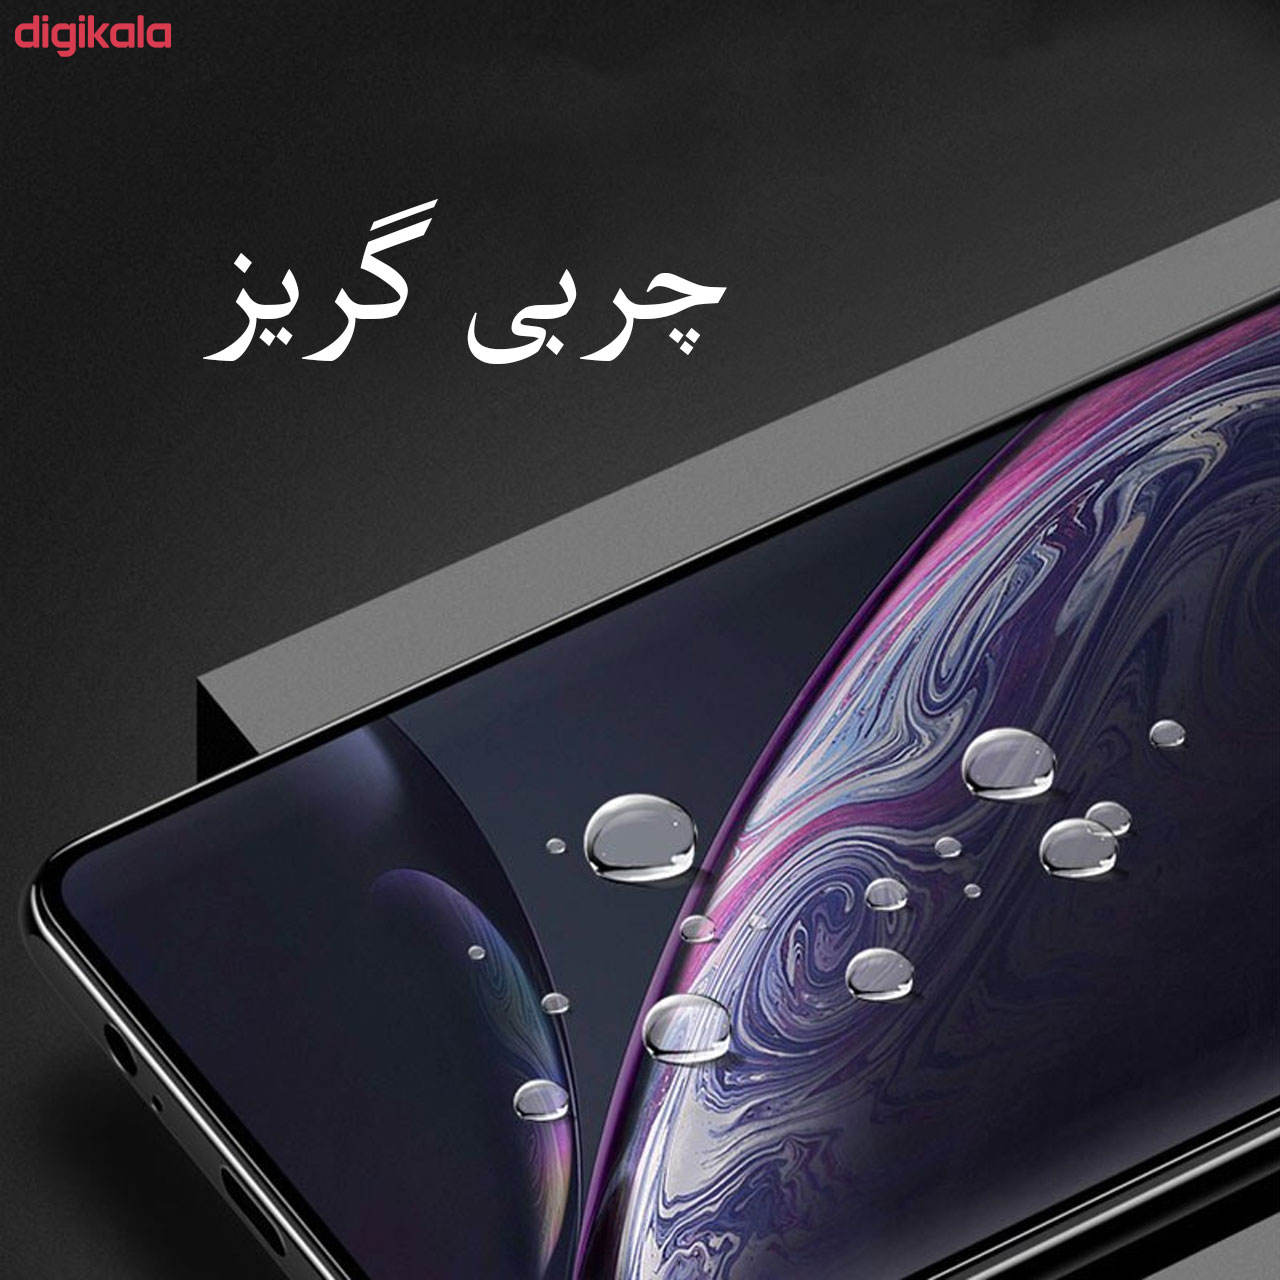 محافظ صفحه نمایش مدل FCG مناسب برای گوشی موبایل سامسونگ Galaxy M20 main 1 10